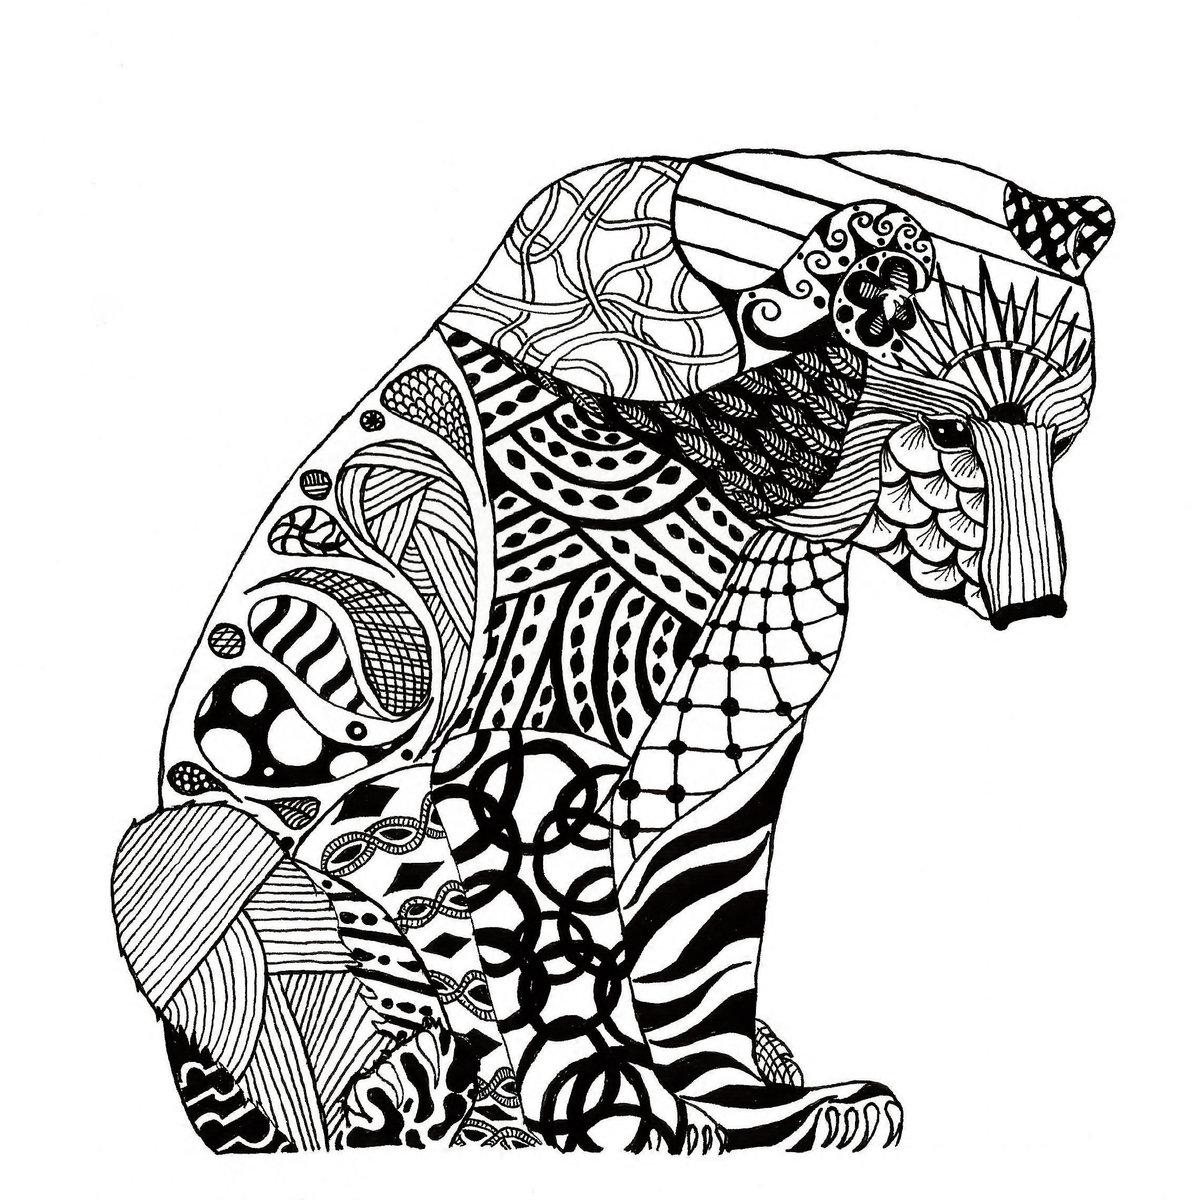 Графичные рисунки животных переходящие один в другой